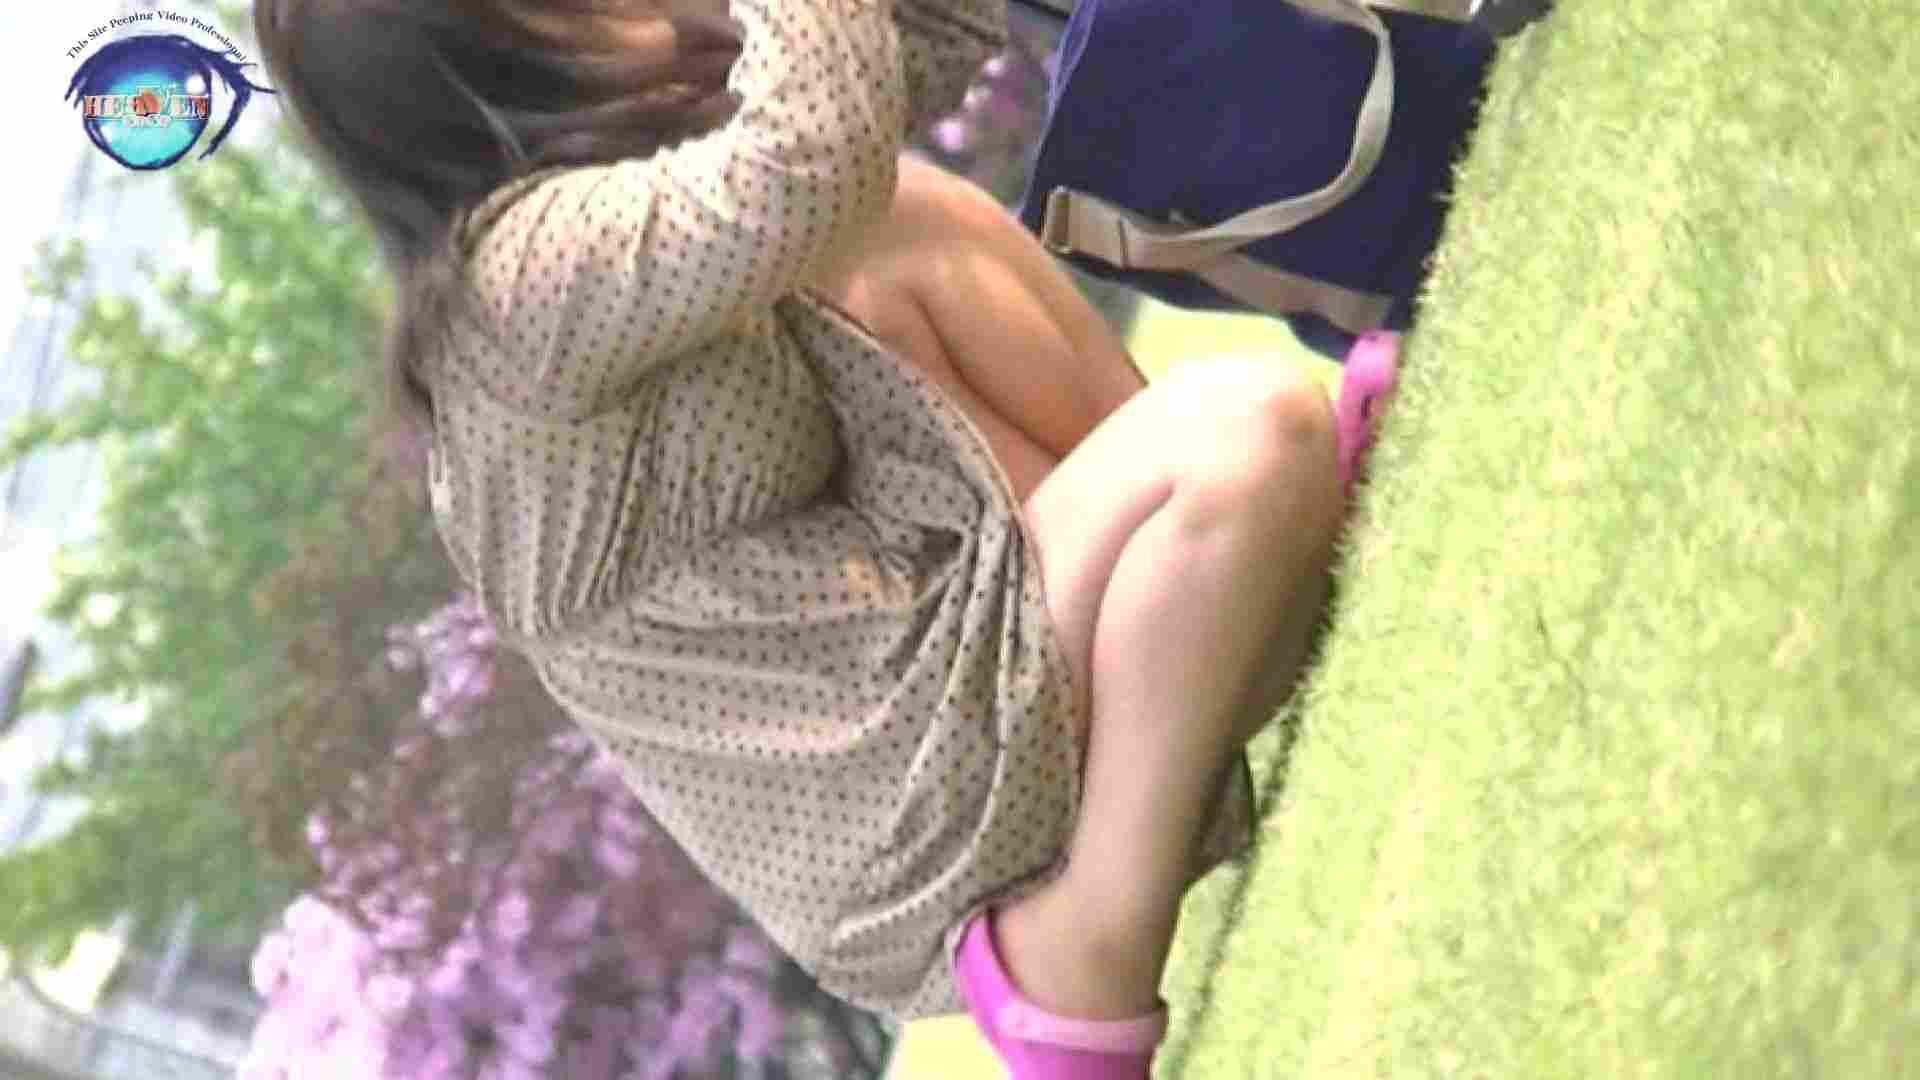 若奥さんおもいっきり生おっぱい vol.15 おっぱい   OLすけべ画像  45連発 16